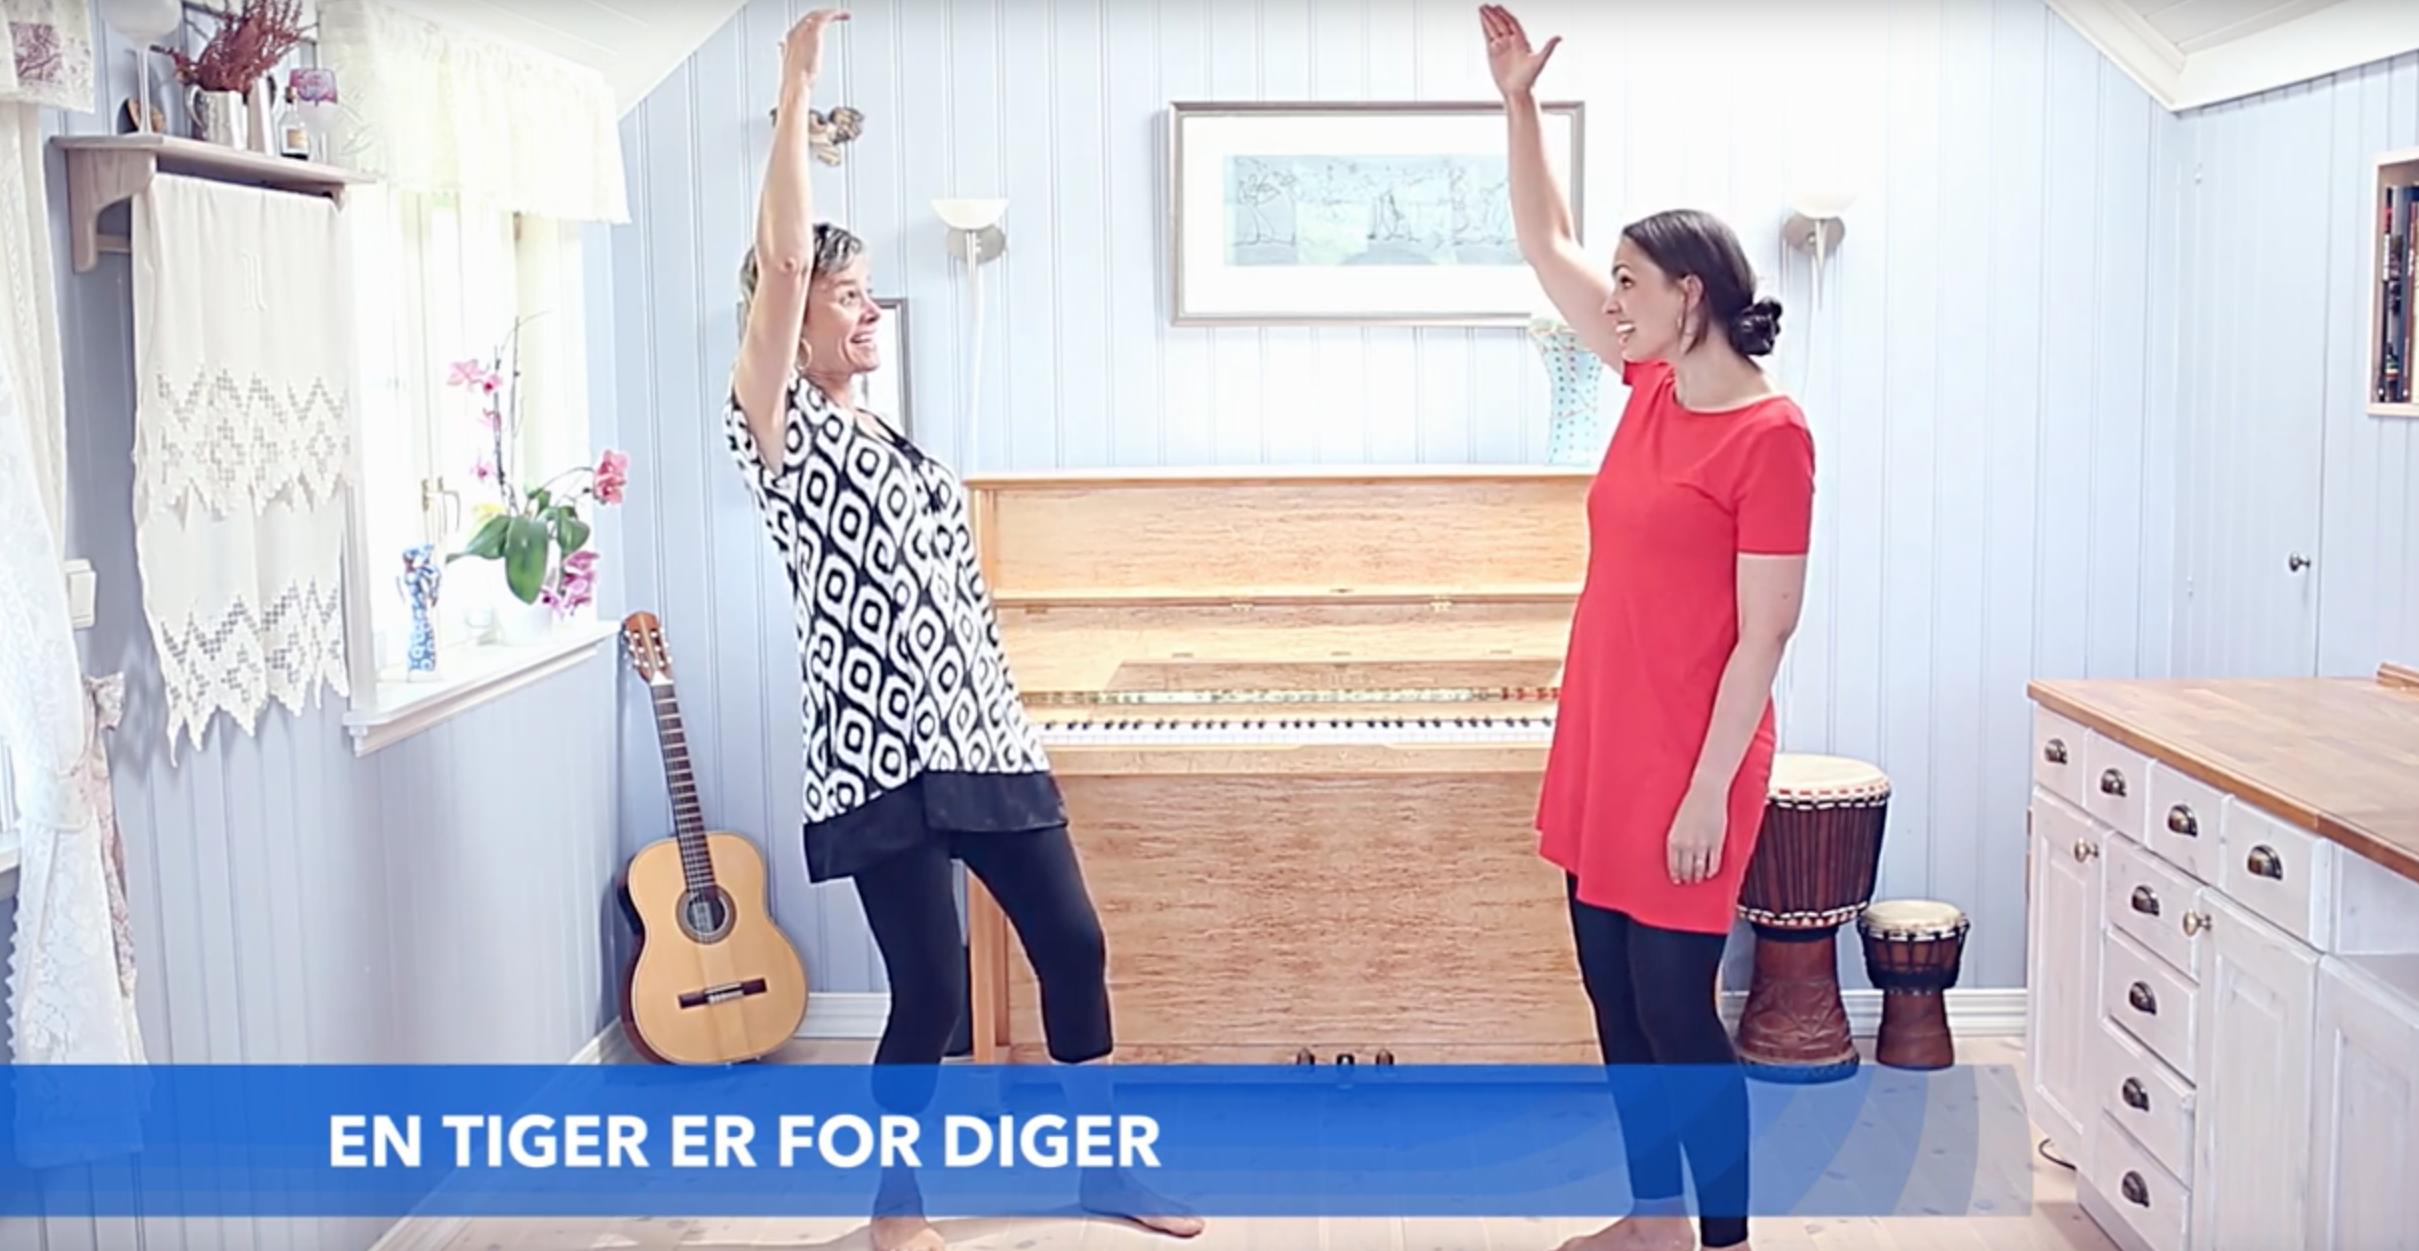 Sangbanken inneholder mange illustrasjonsvideoer som viser hvordan man kan lære bort spennende sanger og sangaktiviteter.